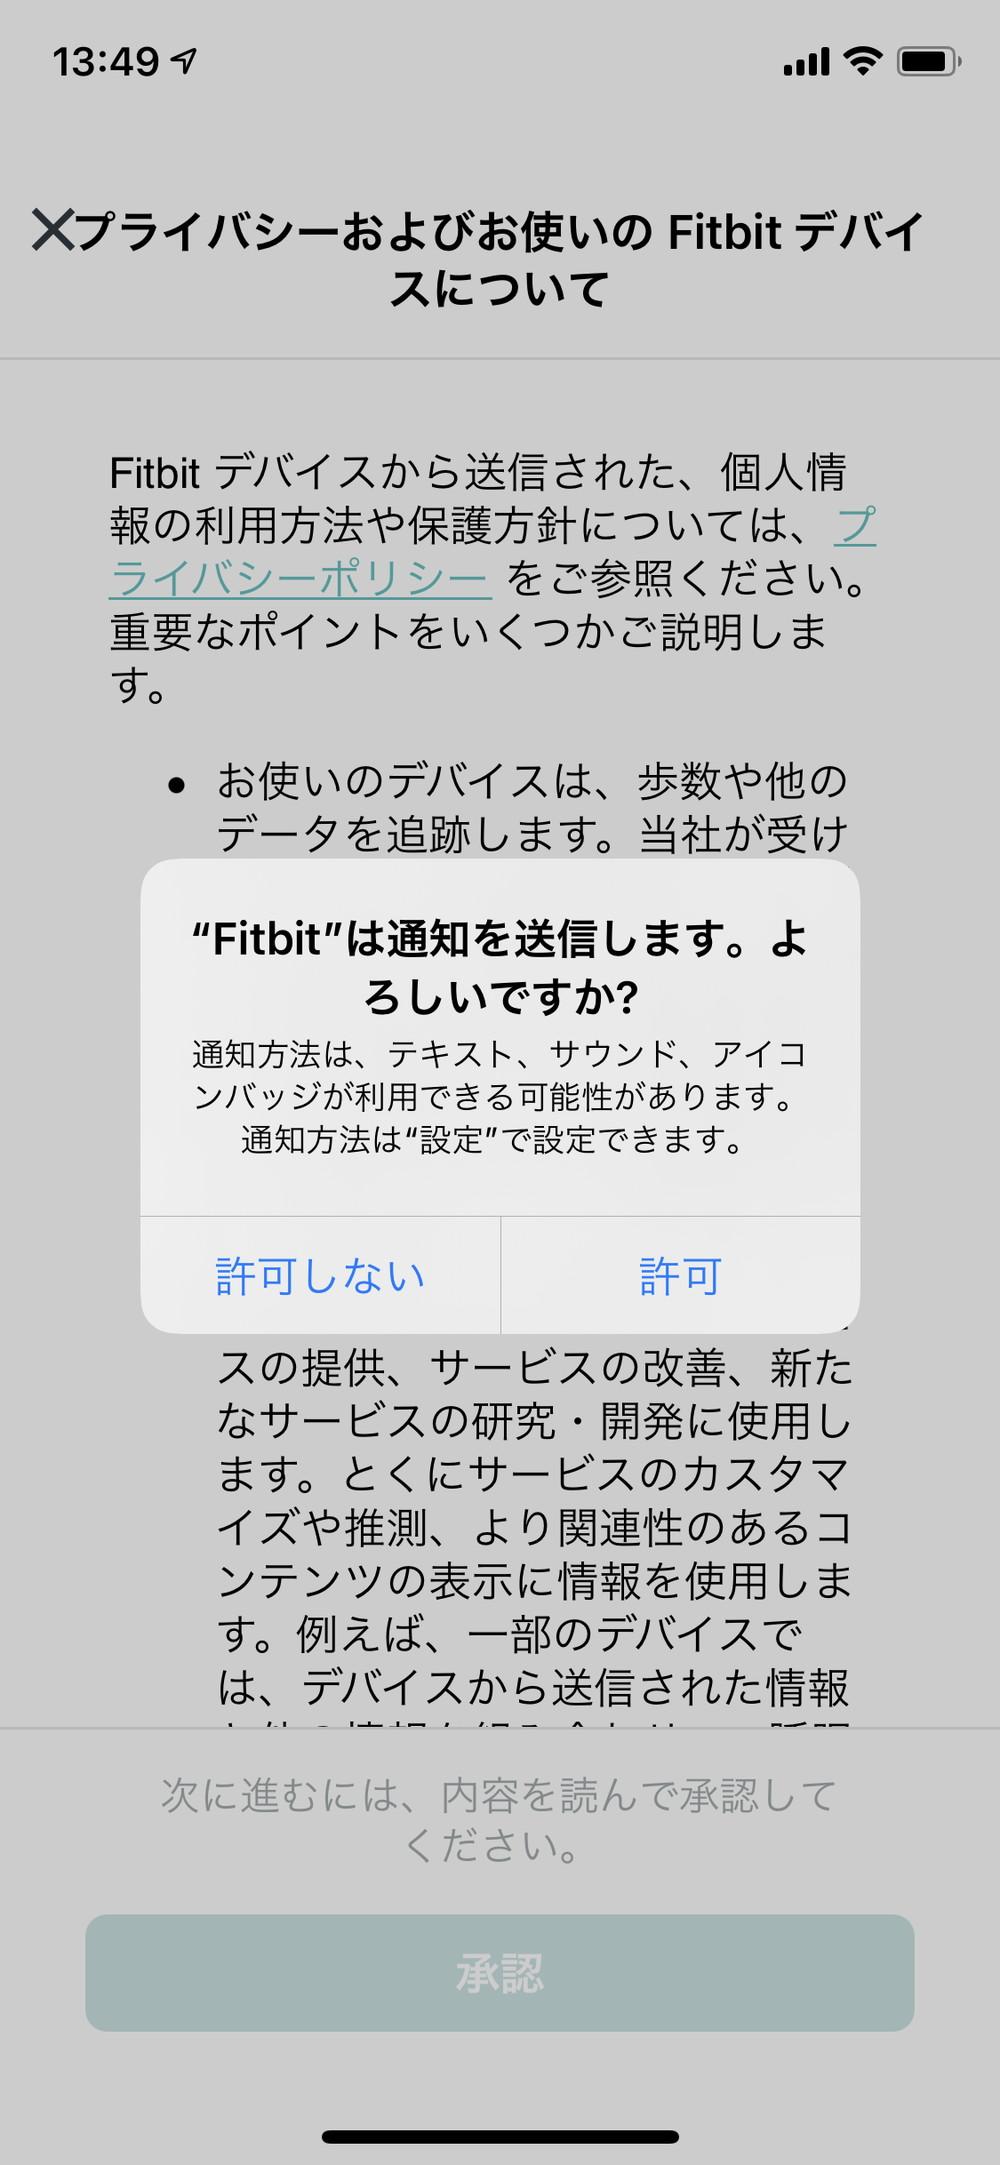 Fitbit 通知の送信確認